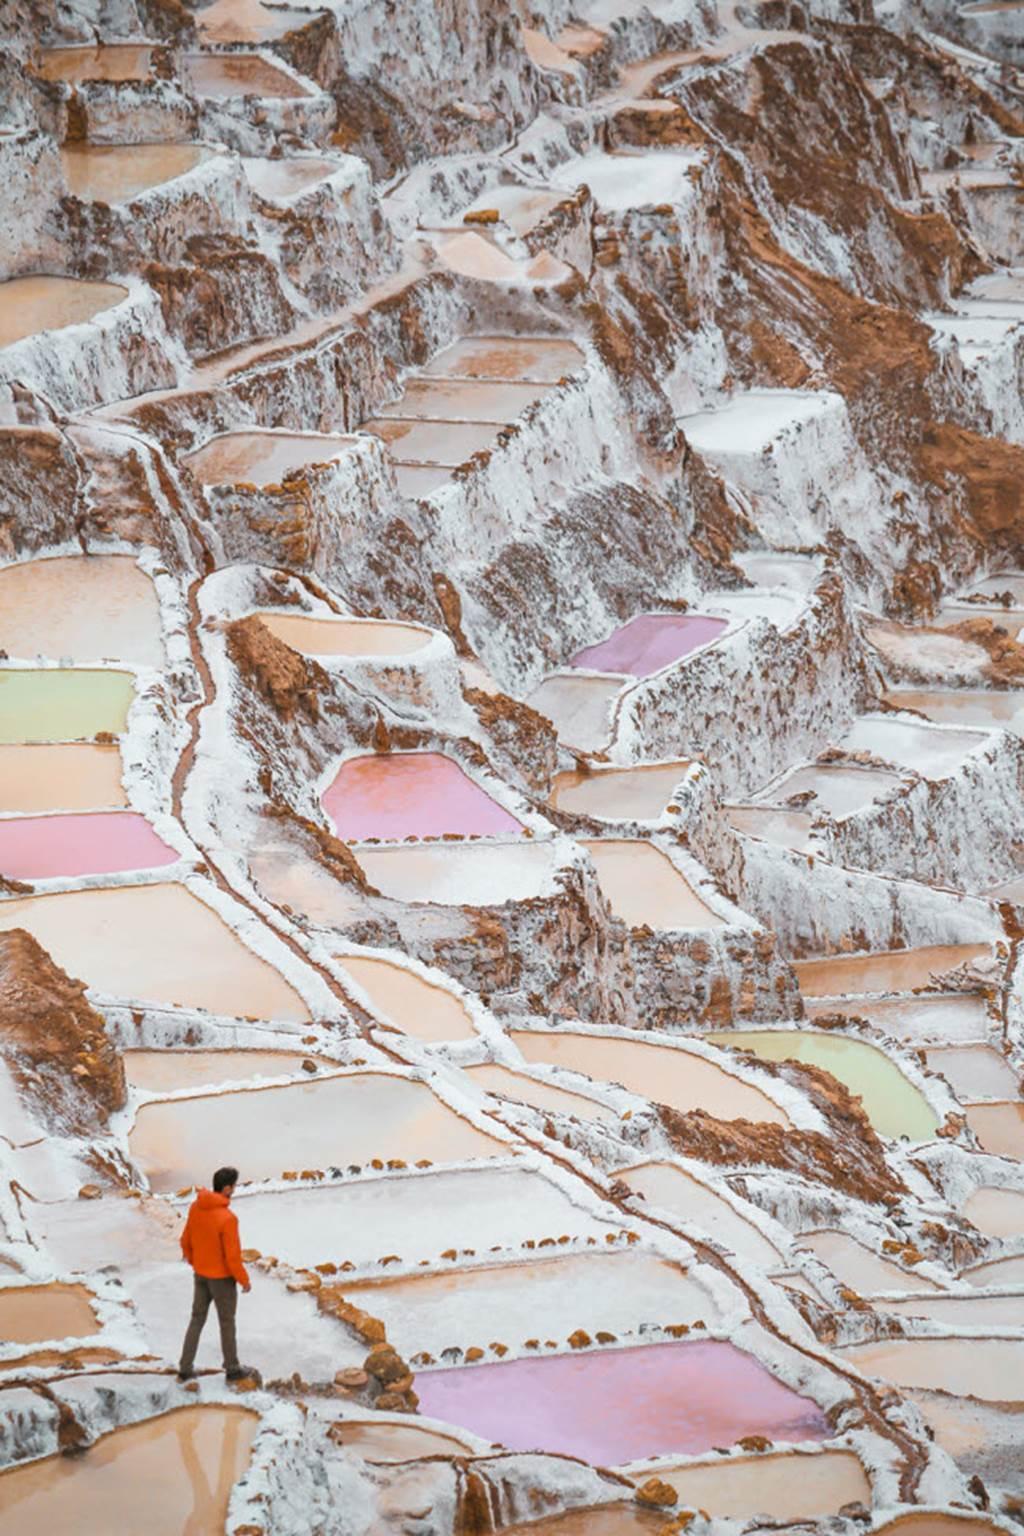 Hồ muối bậc thang đẹp lạ kỳ, ngỡ như hành tinh khác-2